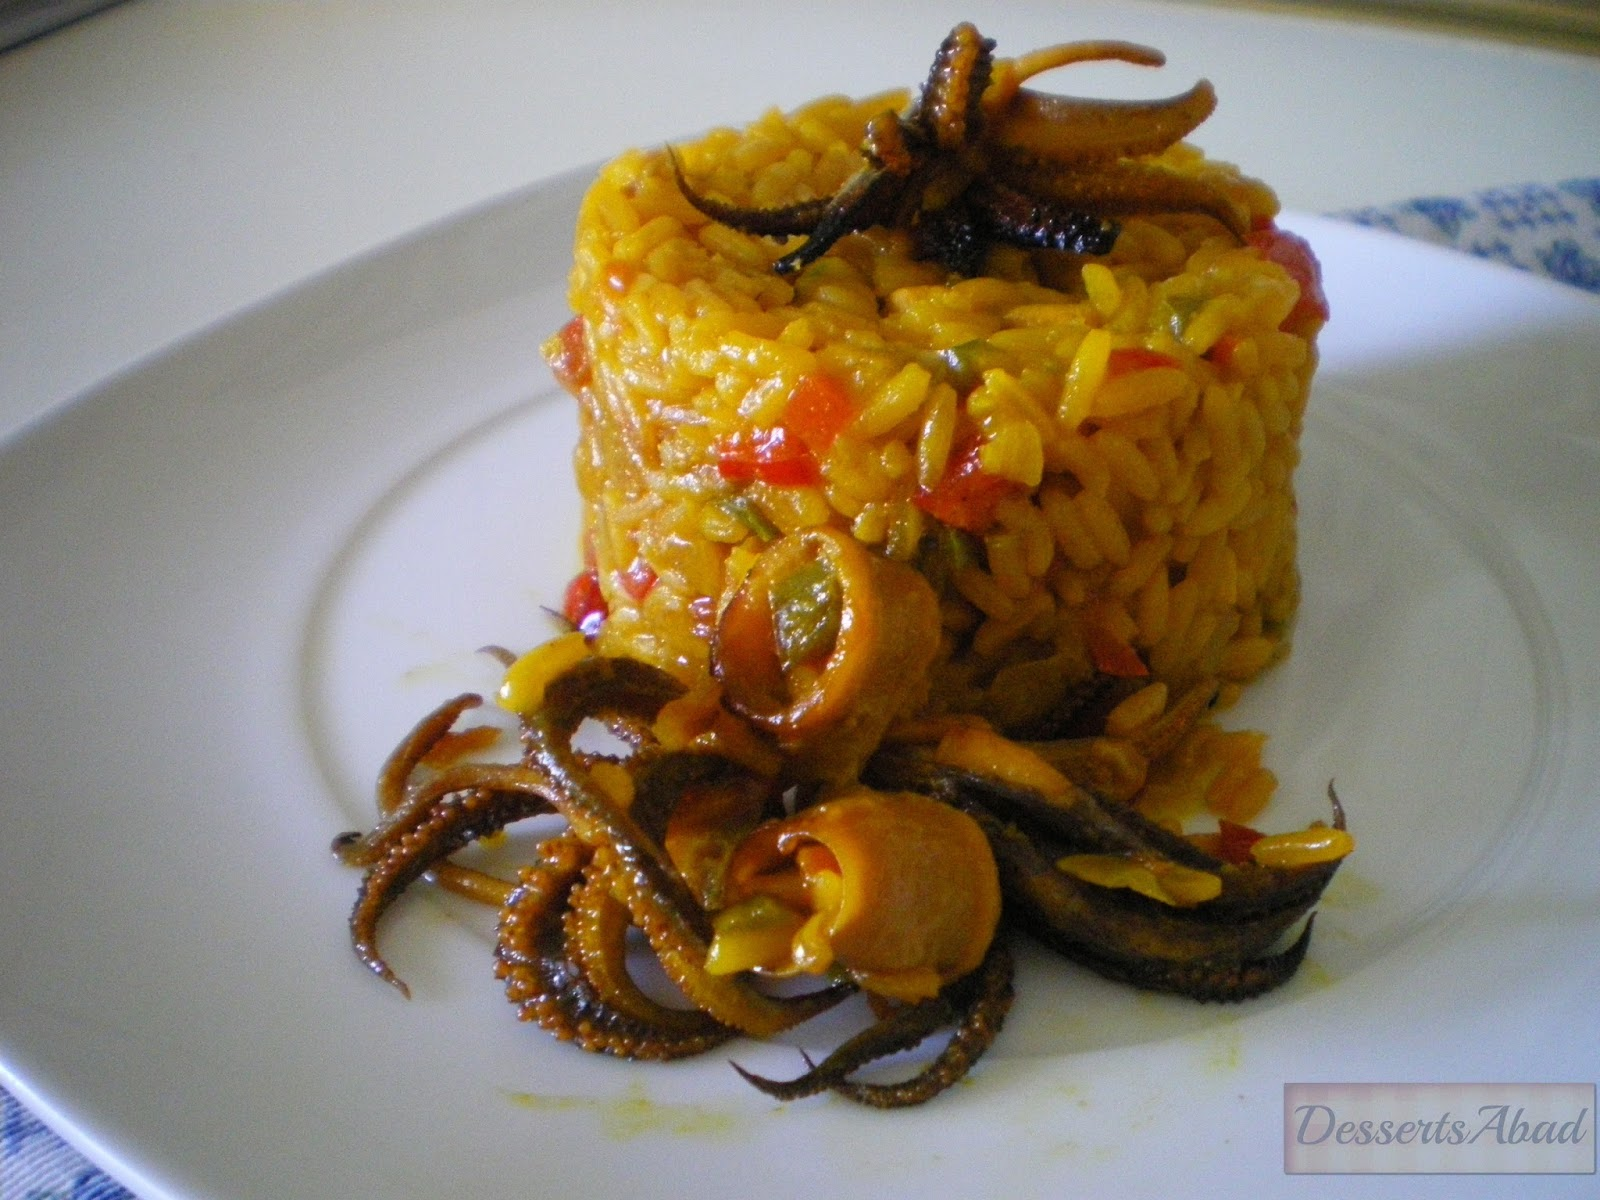 Dessertsabad arroz con calamares for Cocinar 7 mares